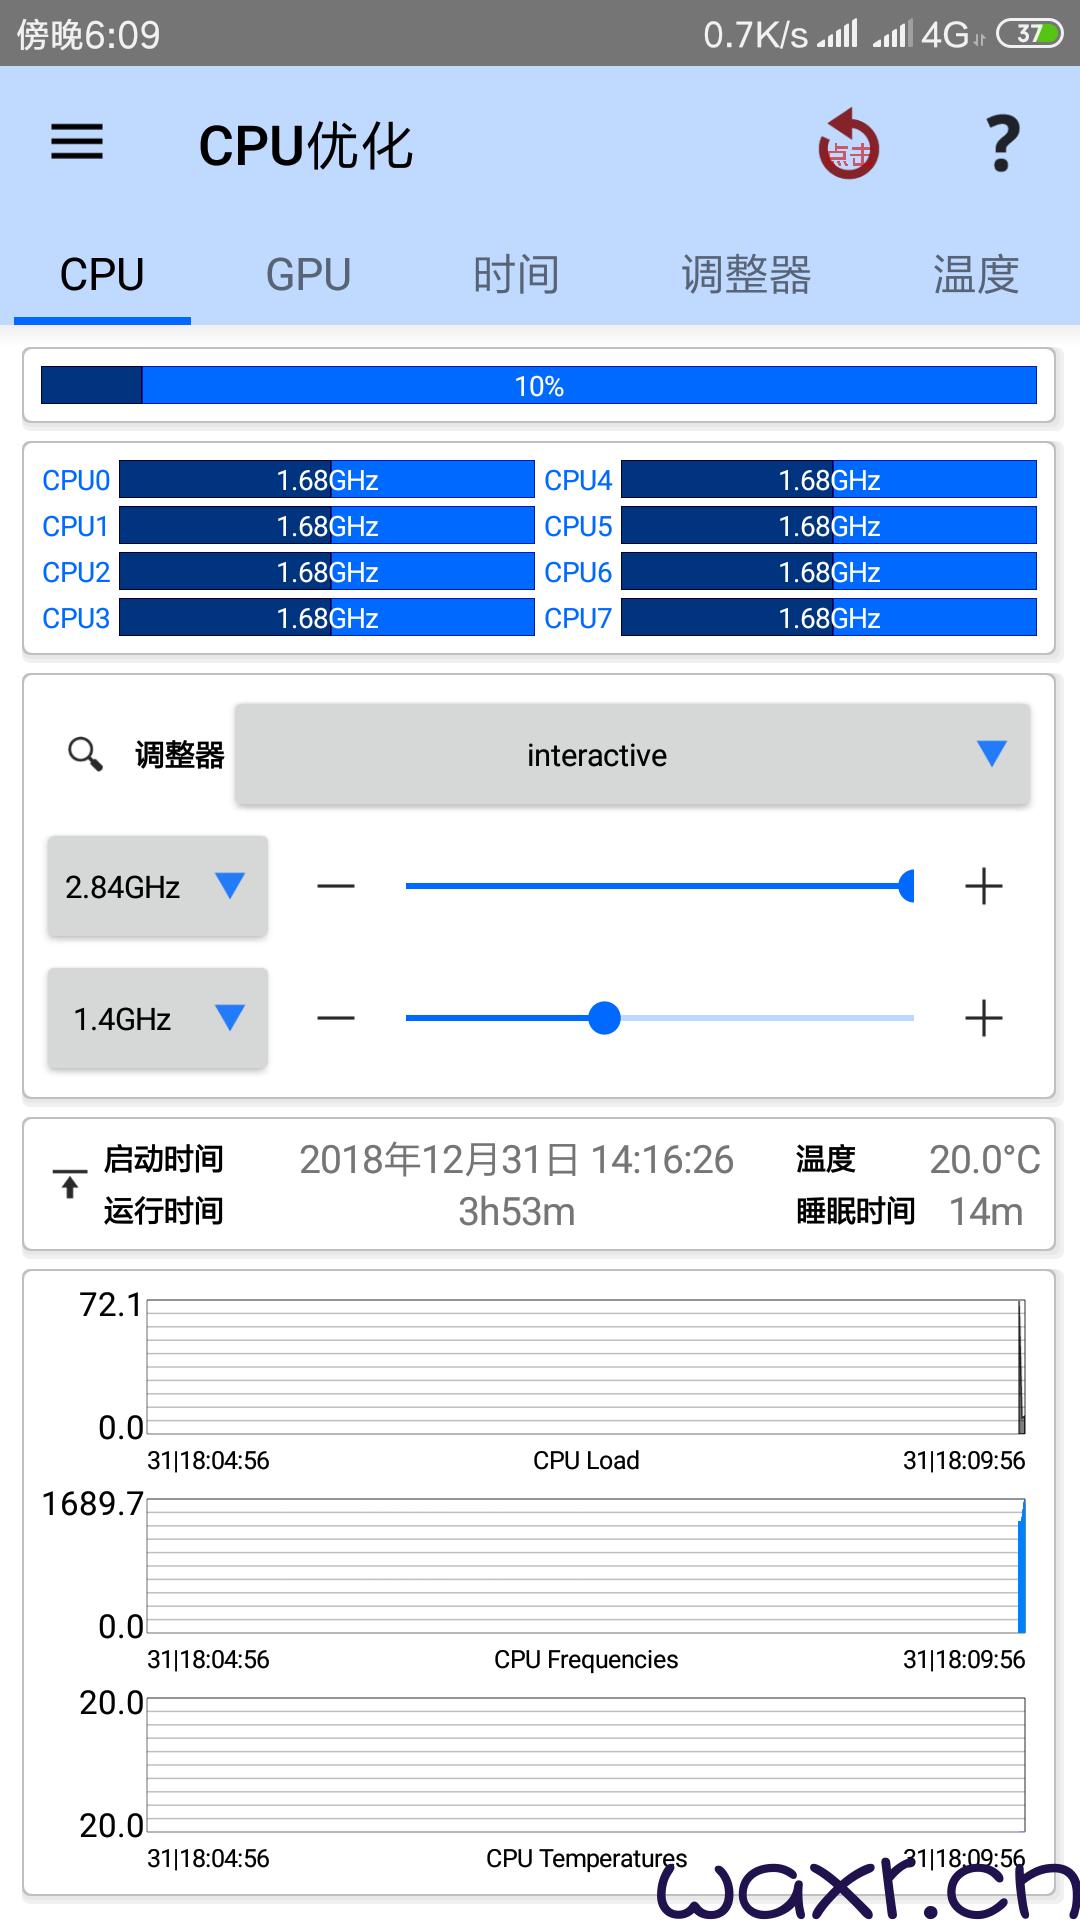 【提示】小米max2超频到3.0赫兹